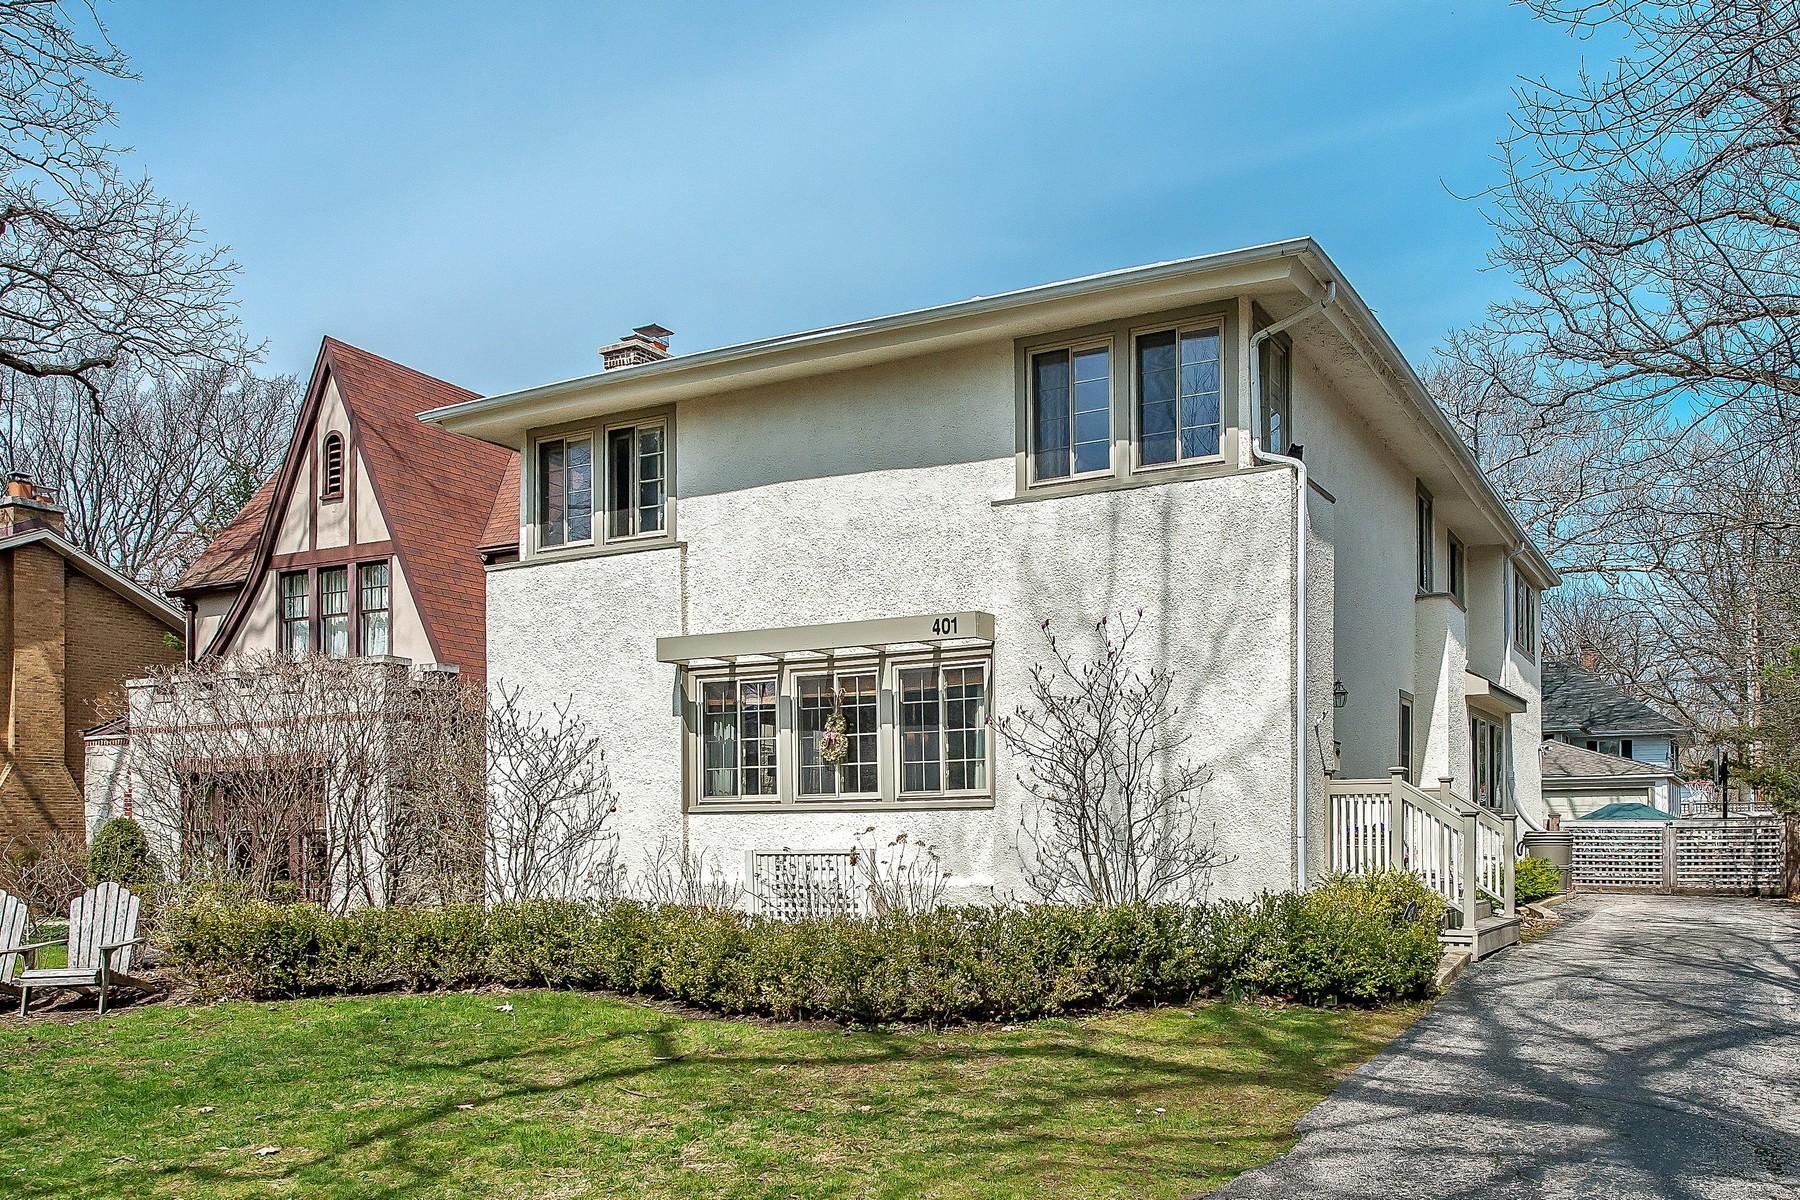 一戸建て のために 売買 アット Classic Prairie Style Home 401 Woodlawn Avenue Glencoe, イリノイ, 60022 アメリカ合衆国